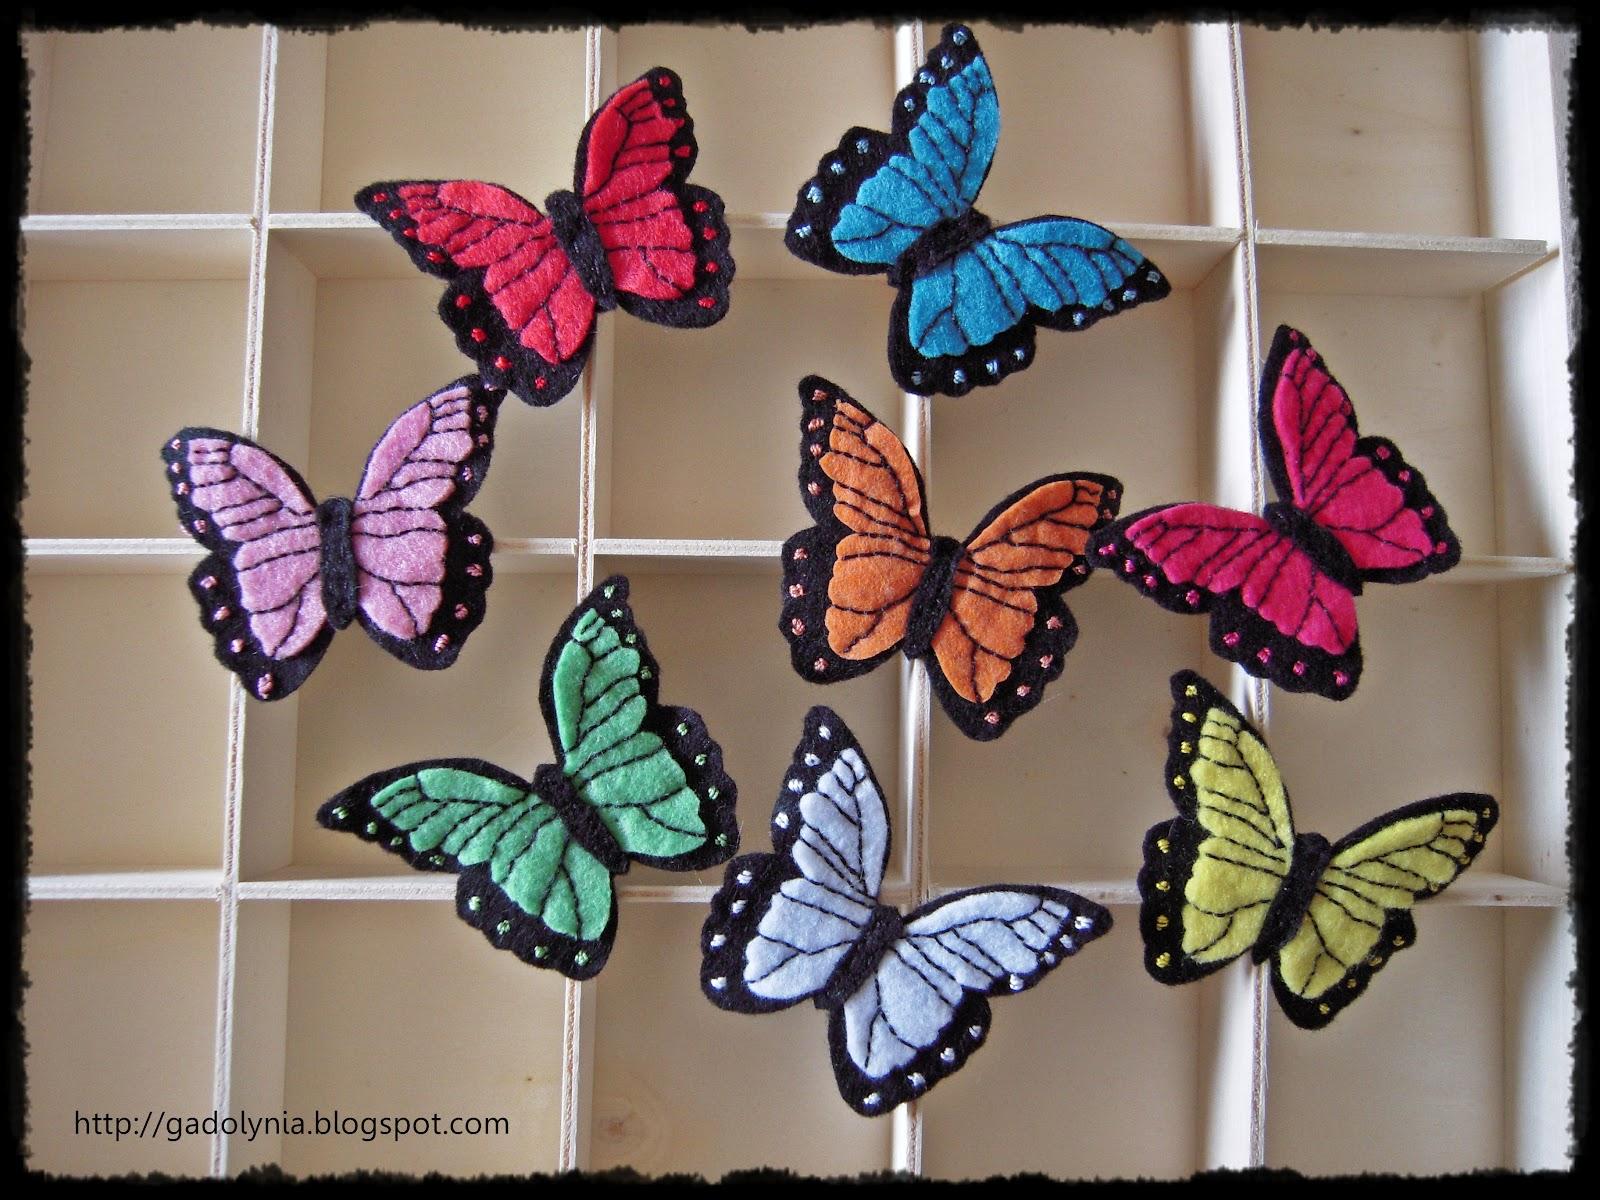 Gadolynia mariposas de mil colores for De mil colores